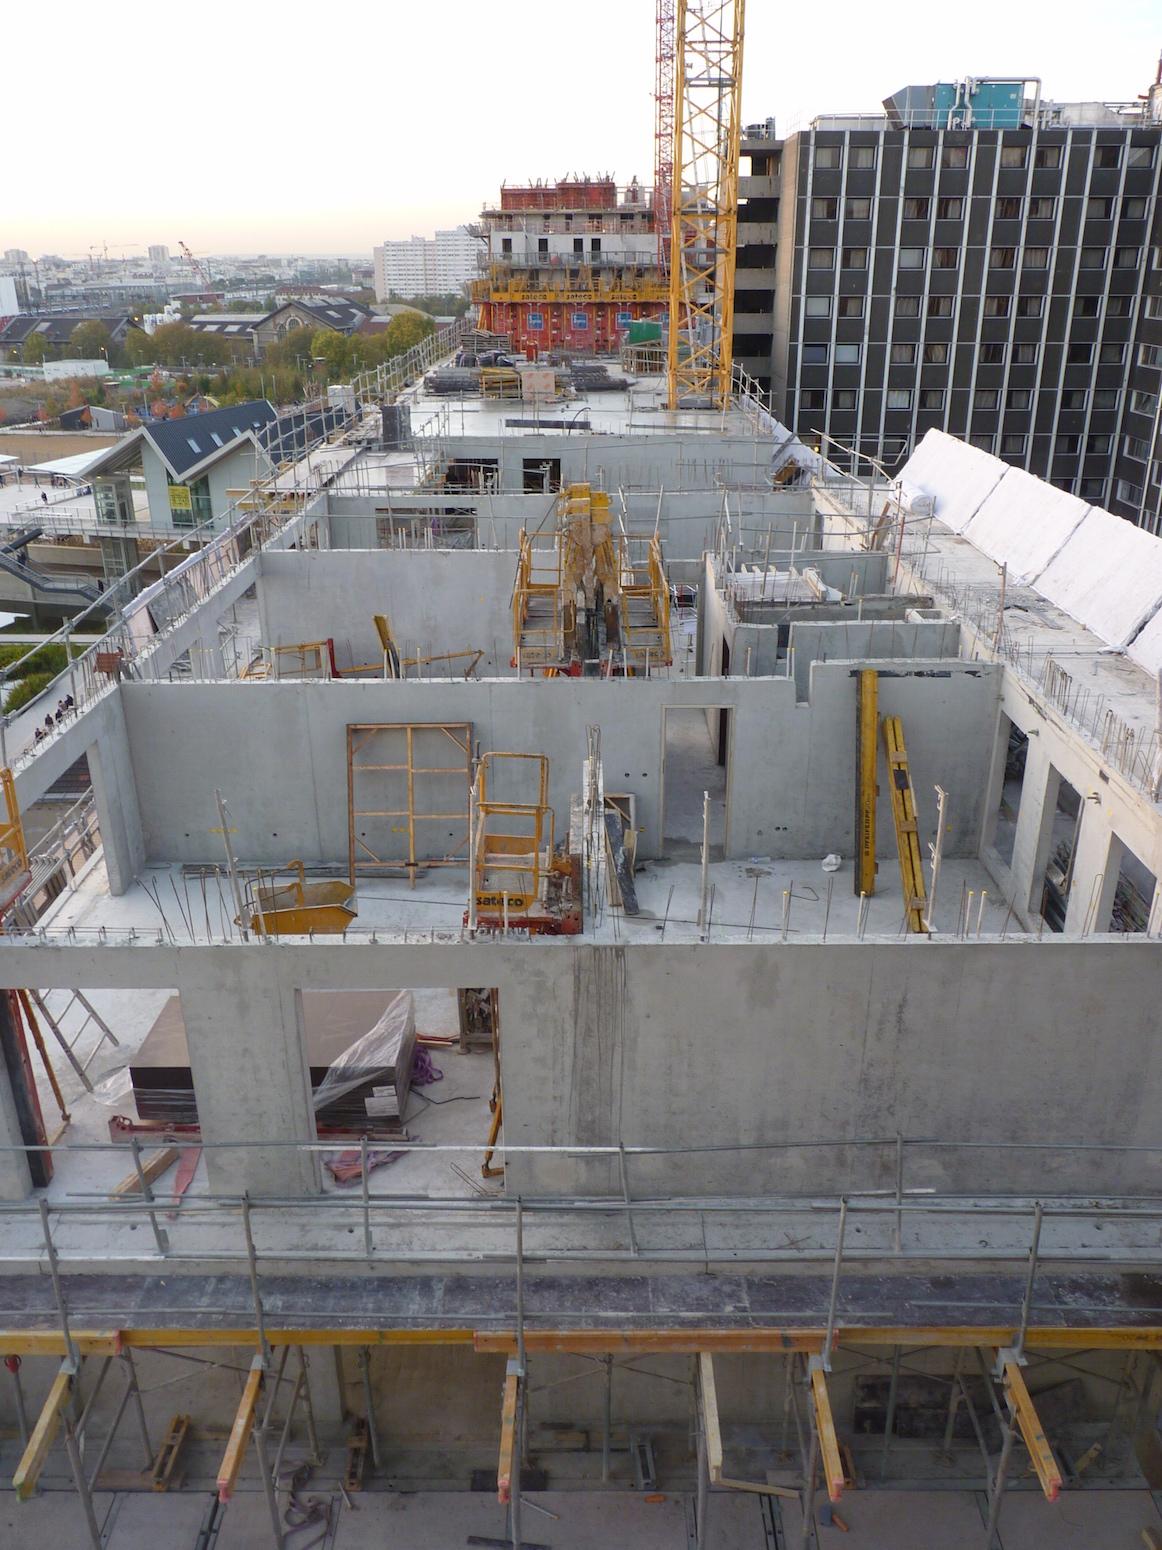 Parc 17, vue générale du chantier, 31 octobre 2014